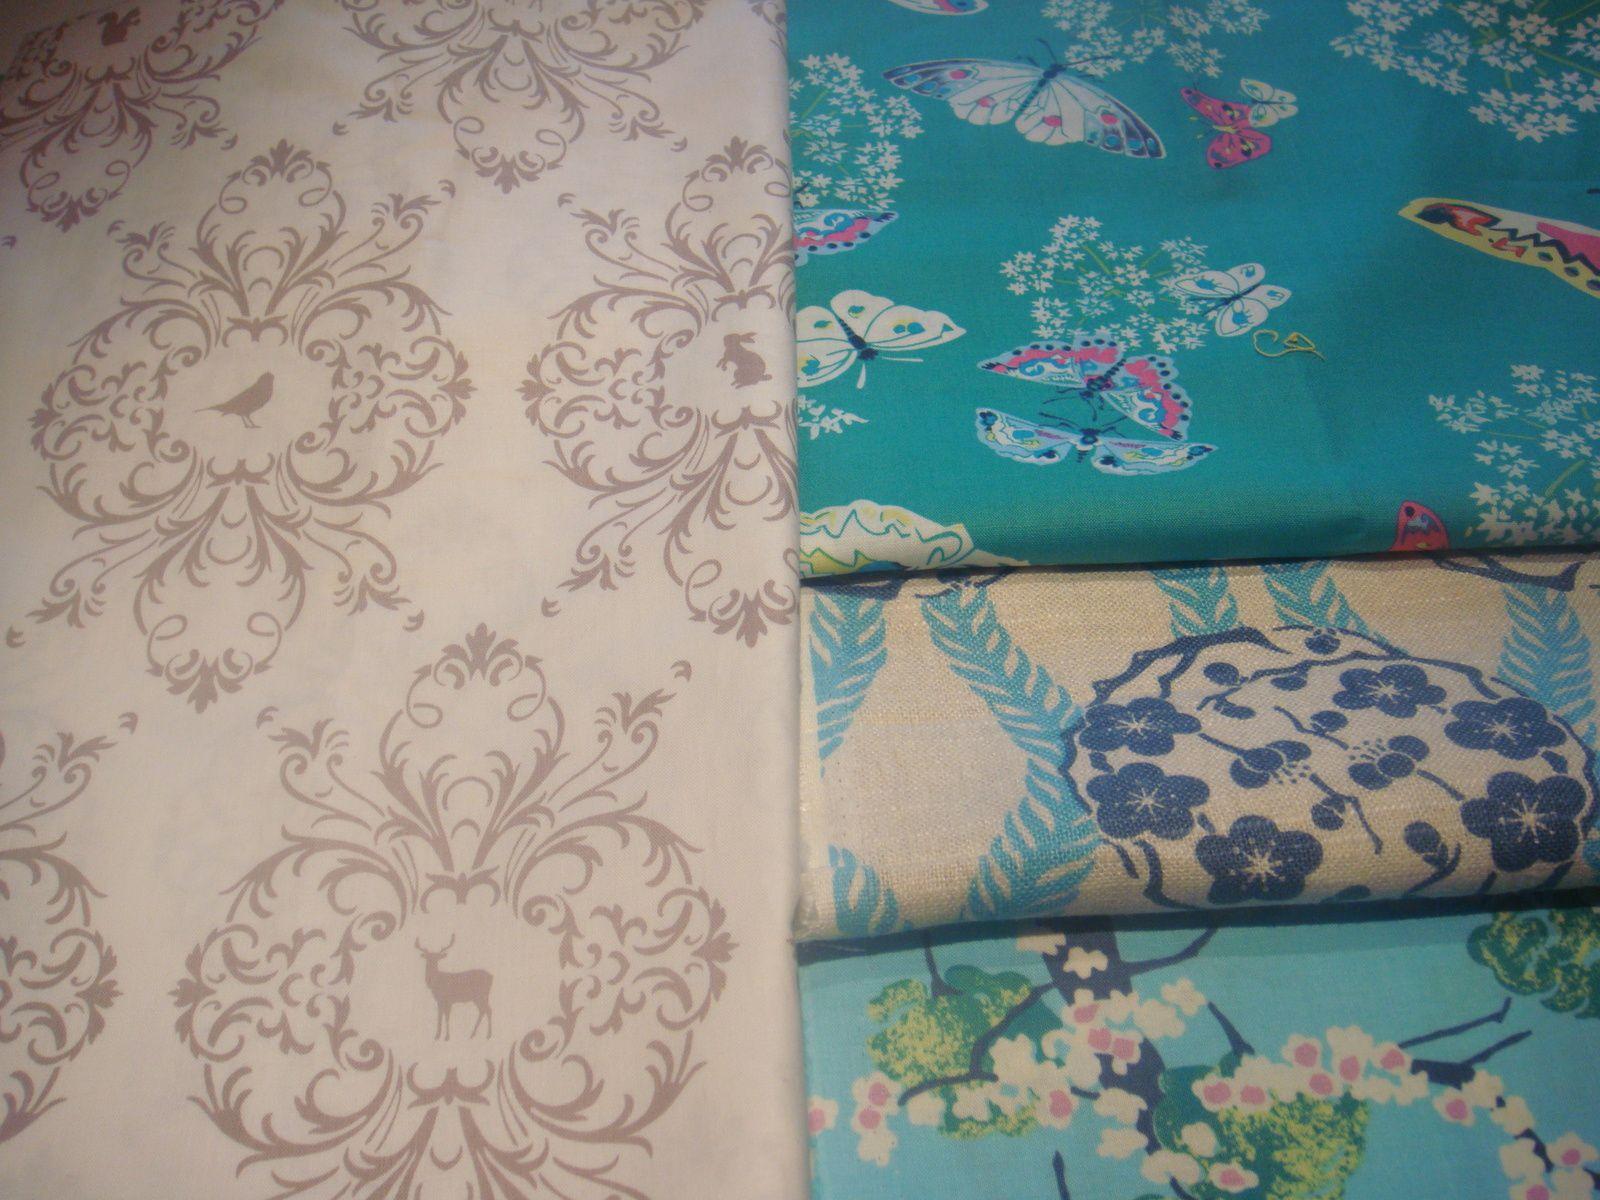 BLEU DE TOILES(bleude toiles.oxatis.com/): choix original de tissus, laines, boutons.....